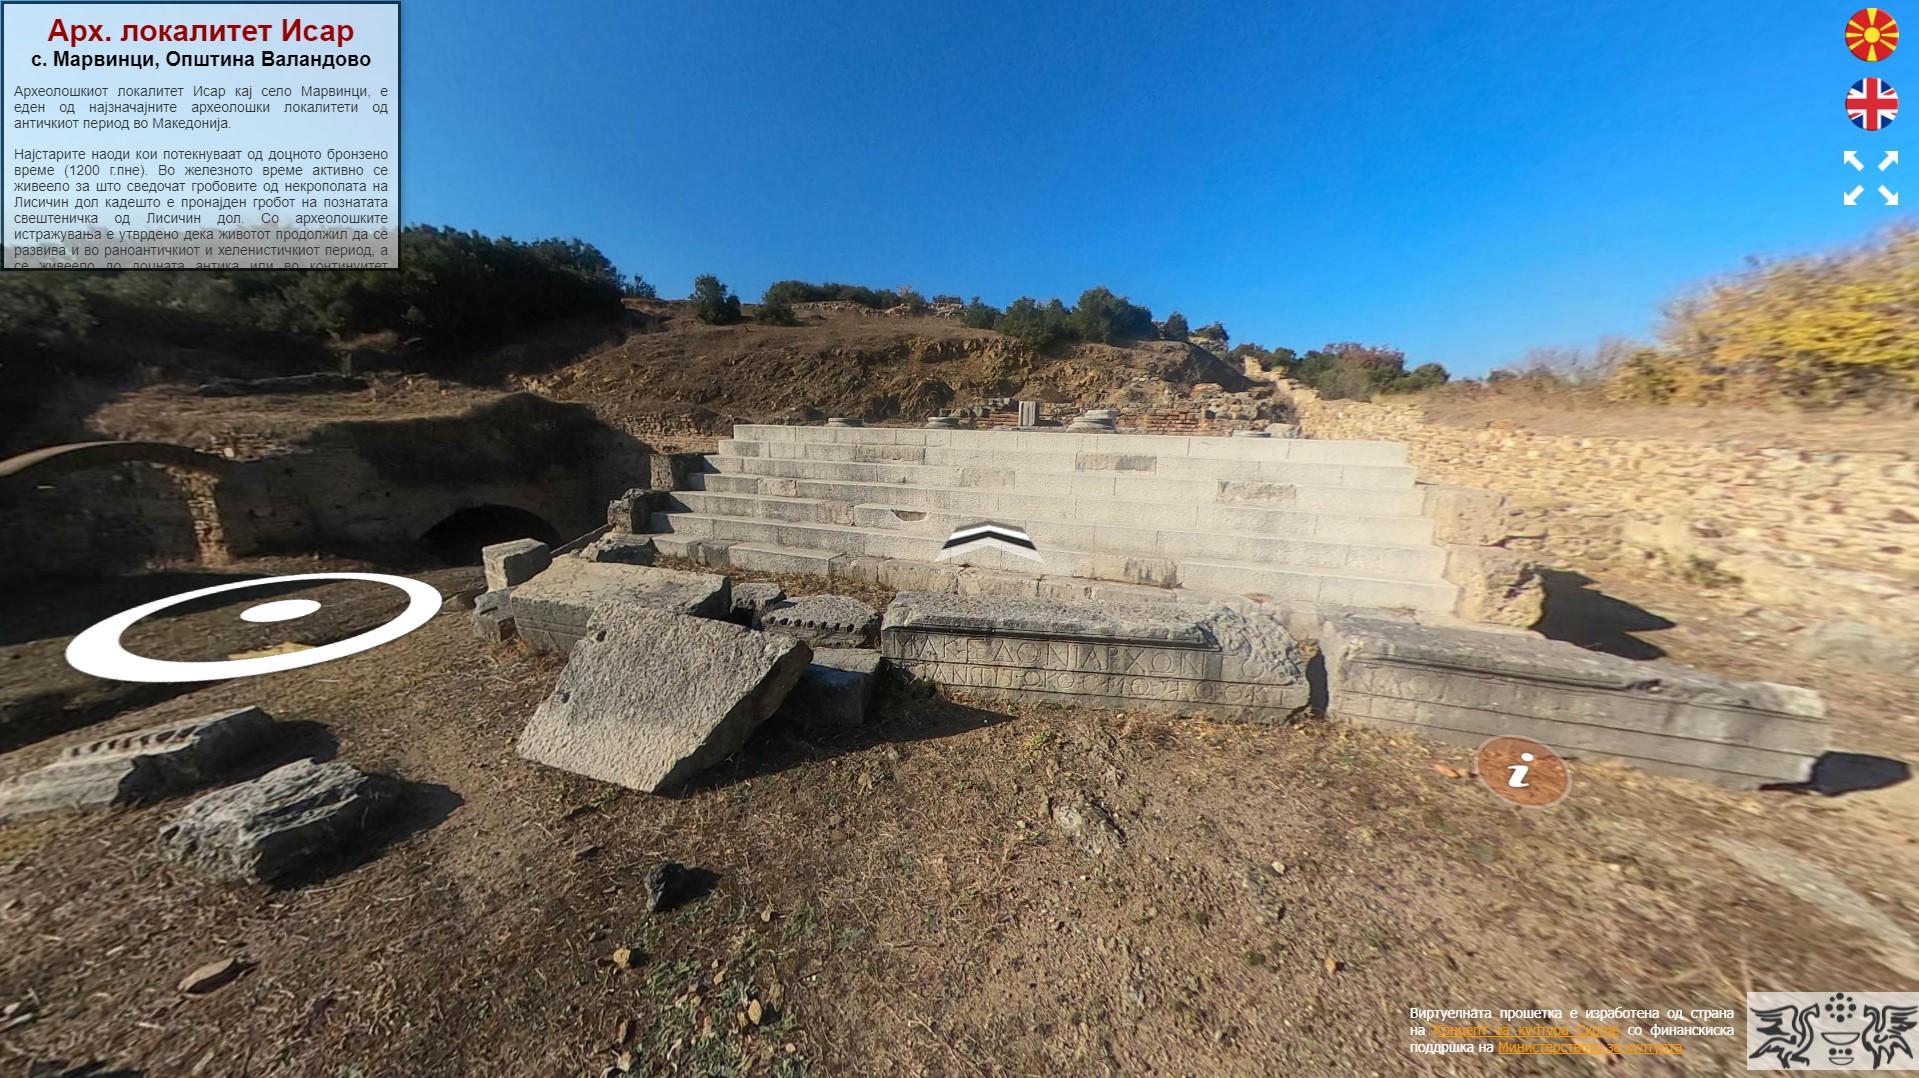 Виртуелна прошетка на локалитетот Исар - Марвинци